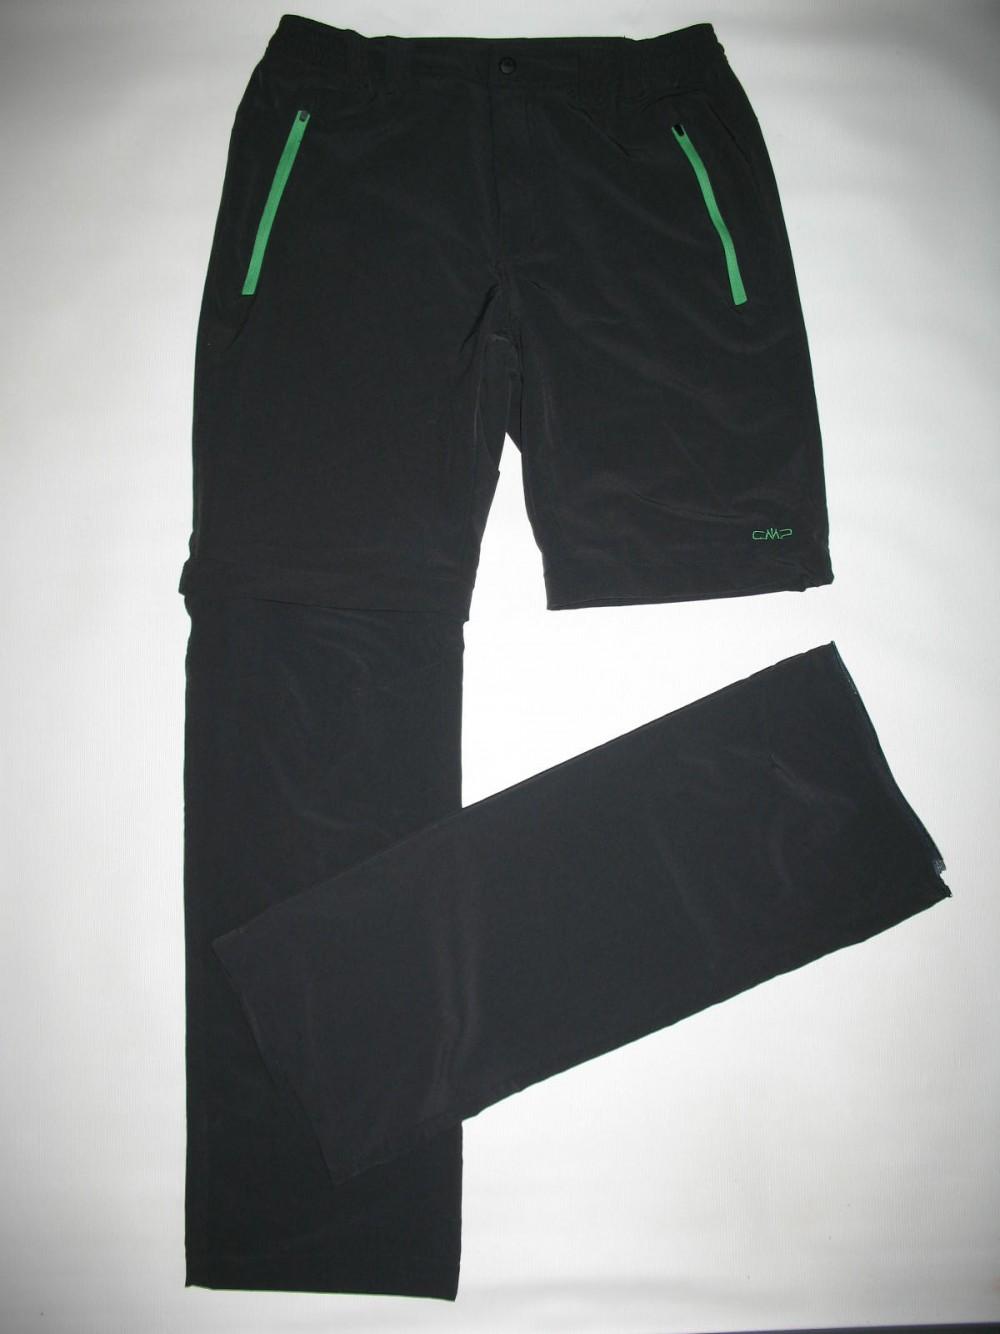 Штаны CMP 2in1 outdoor pants (размер 50-L) - 1